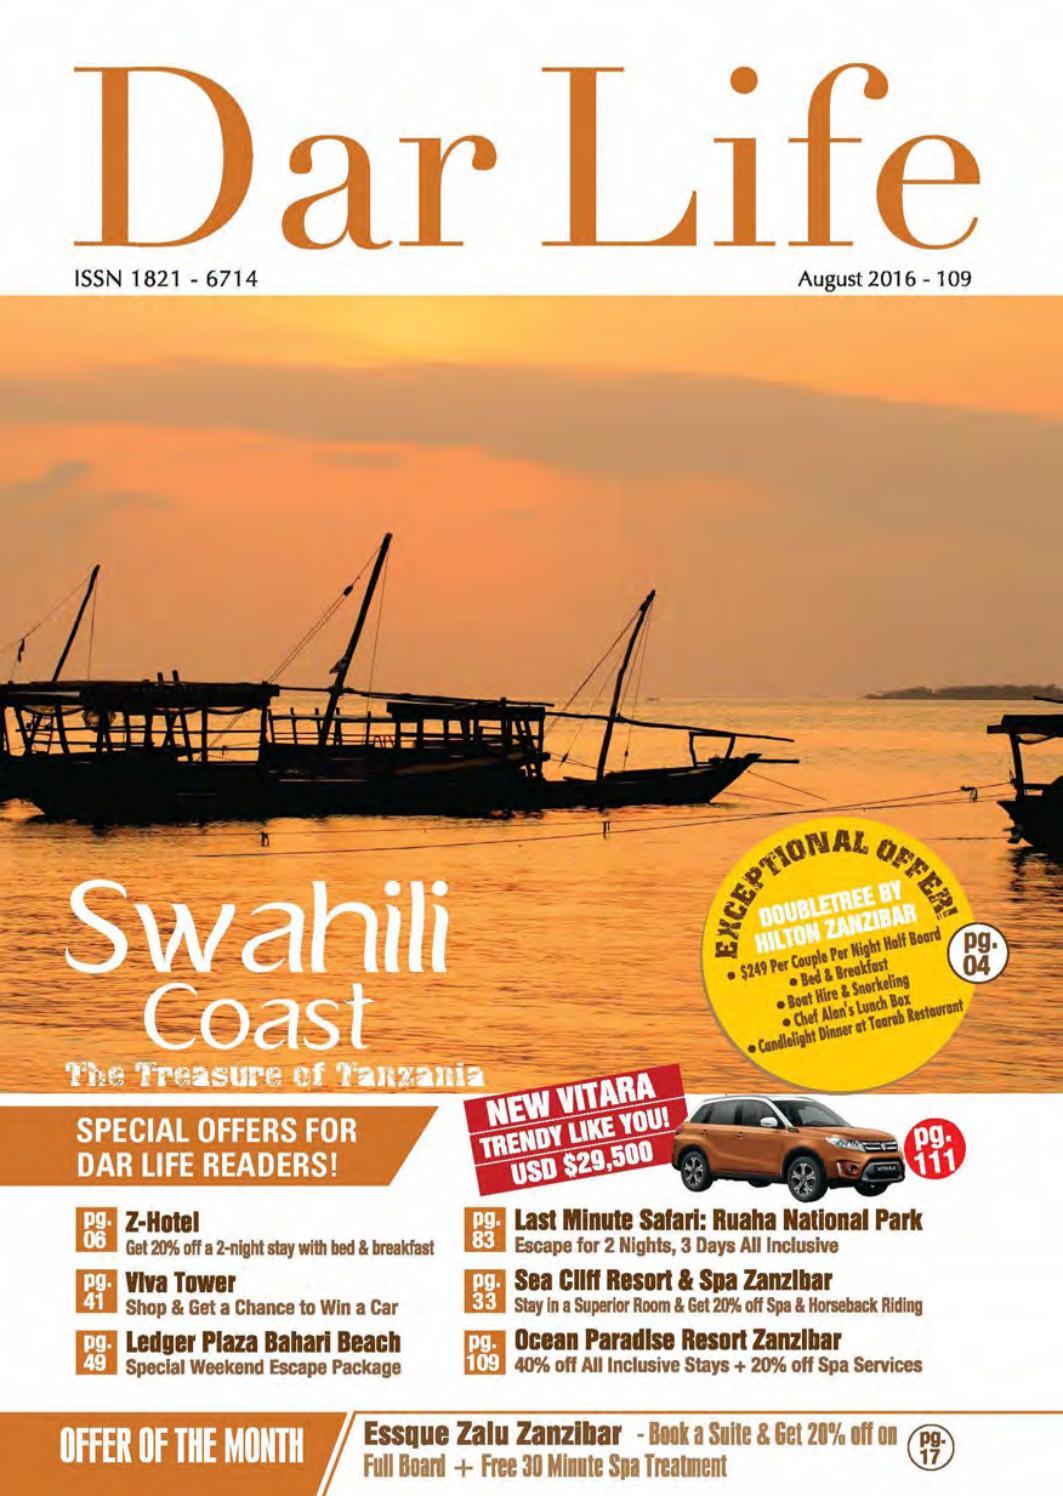 Dar Life August 2016 issue by Dar Life Magazine - issuu